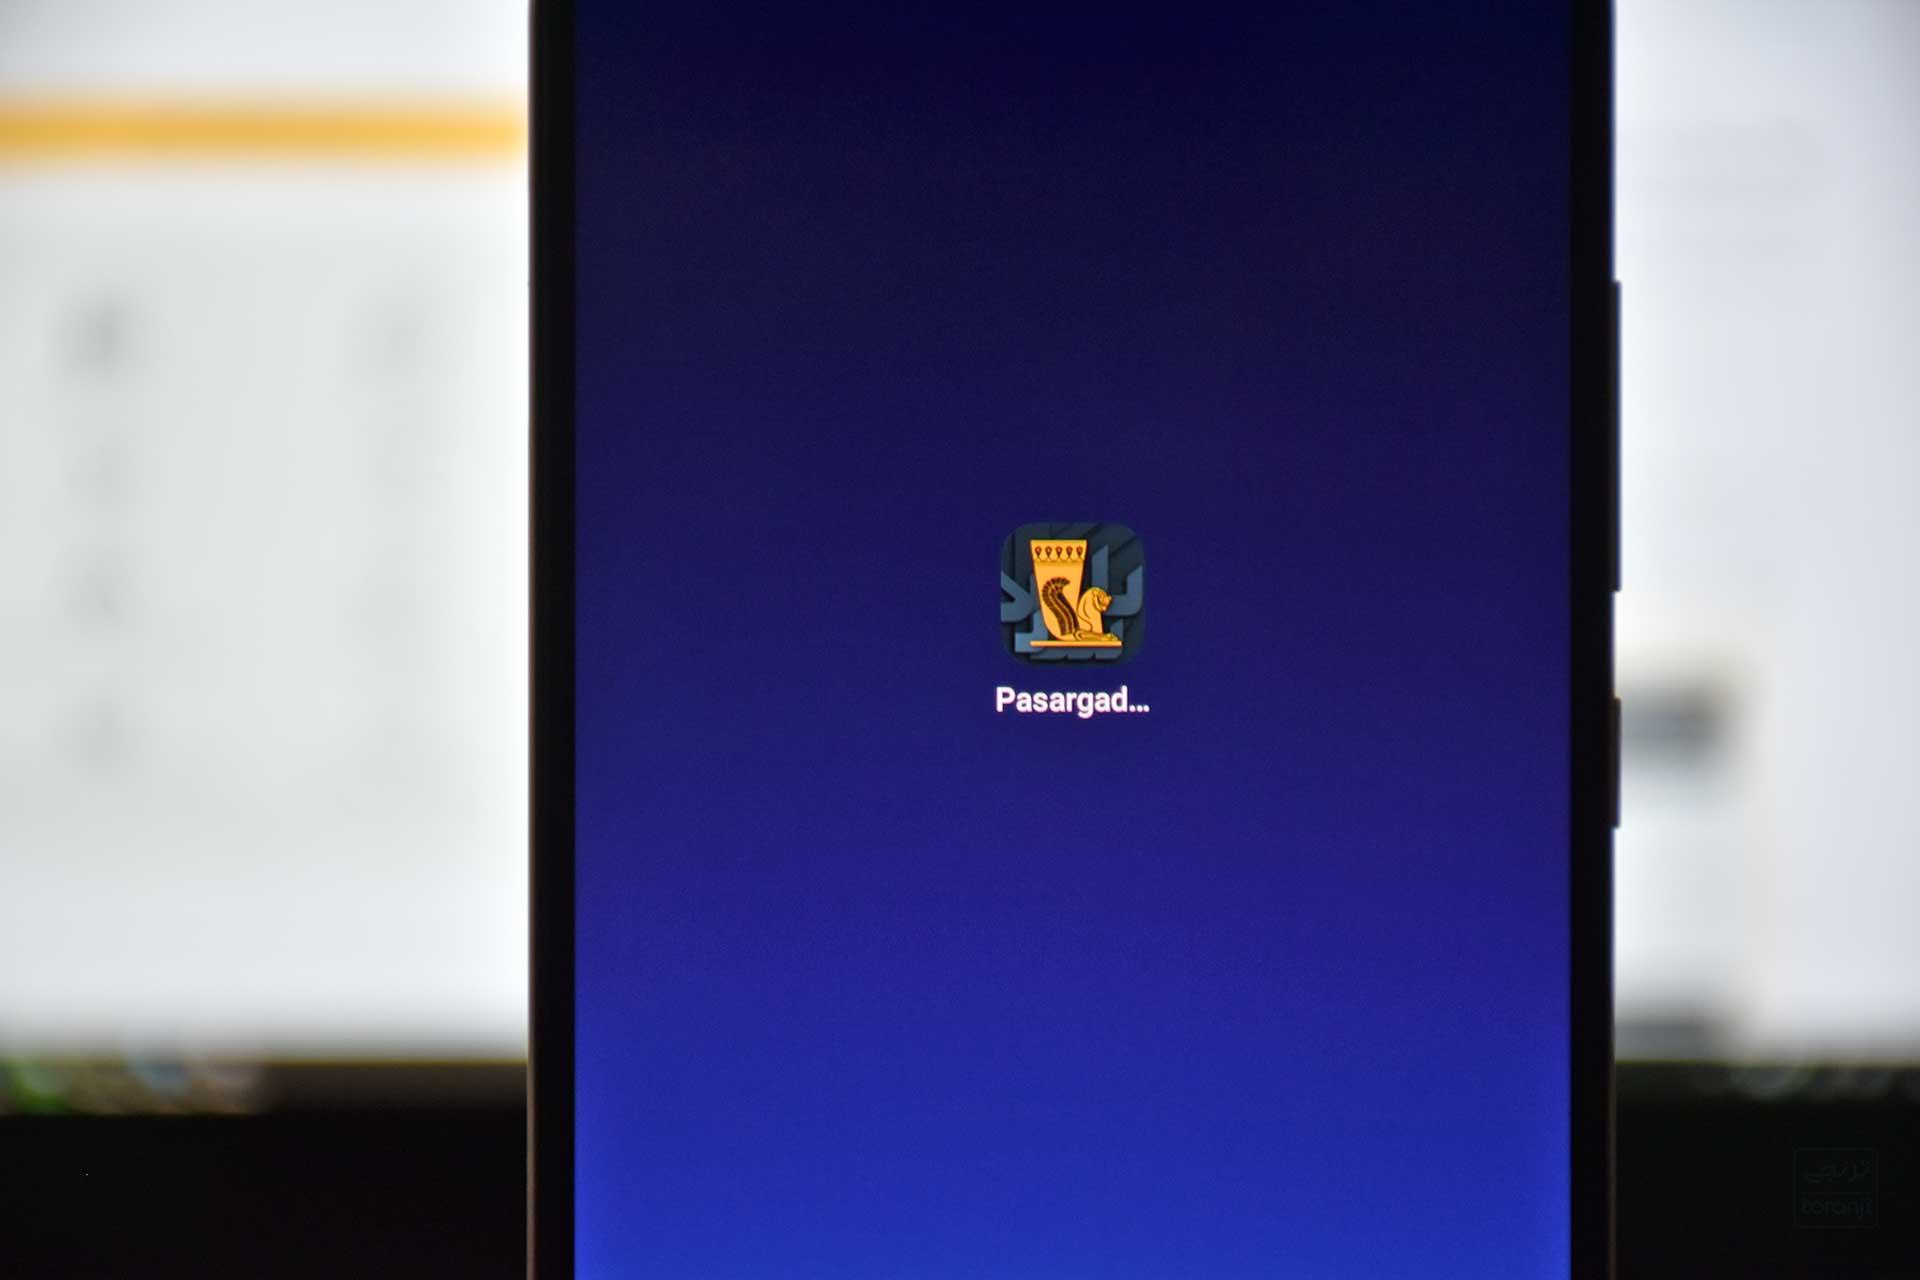 آموزش فعال سازی رمز پویا بانک پاسارگاد